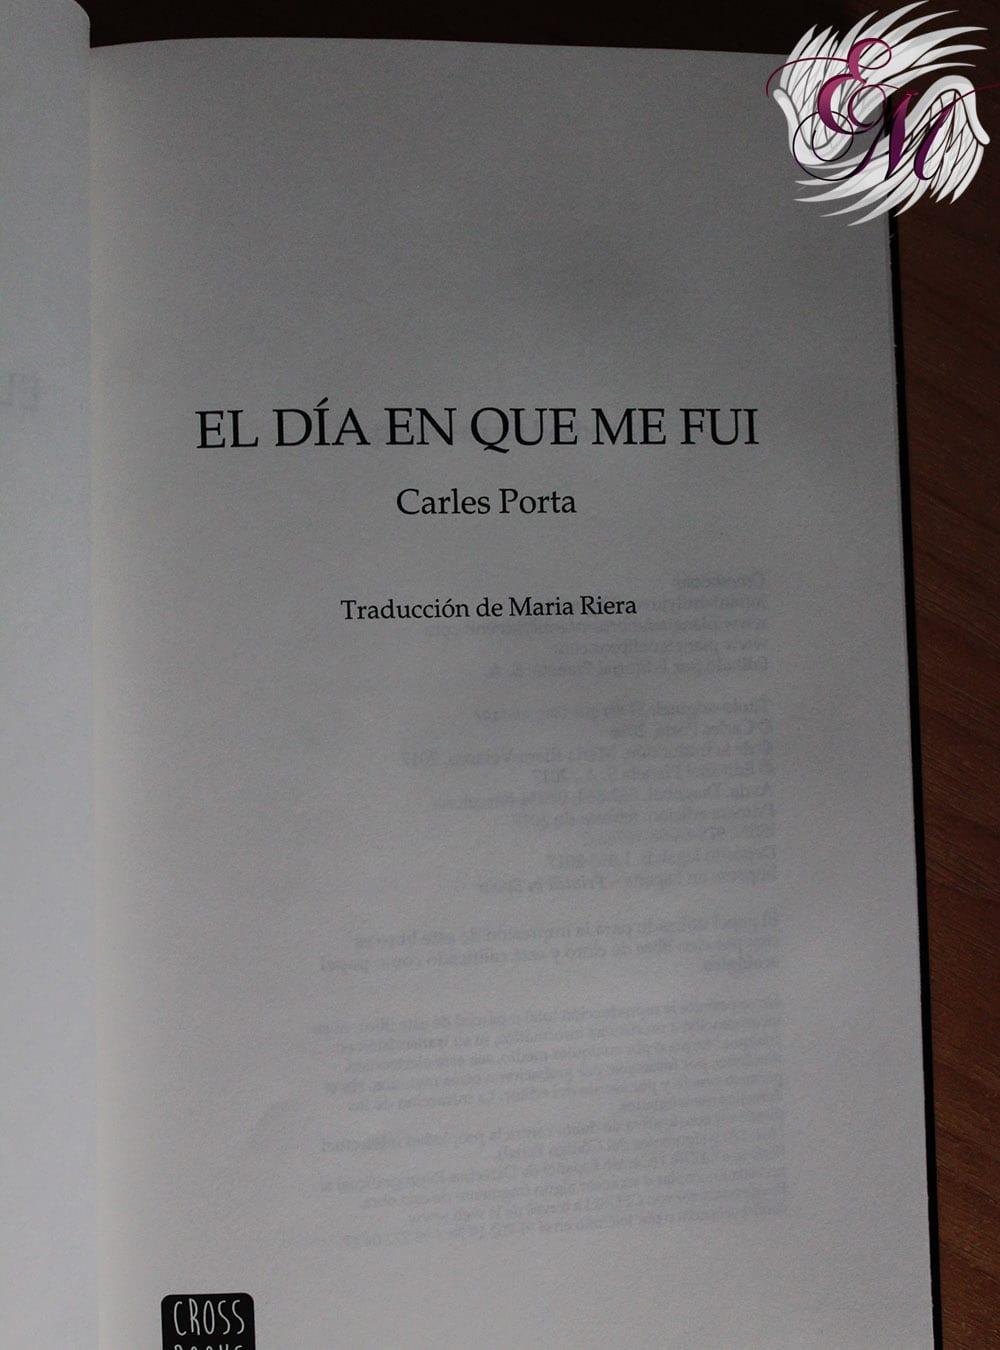 El día en que me fui, de Carles Porta – Reseña